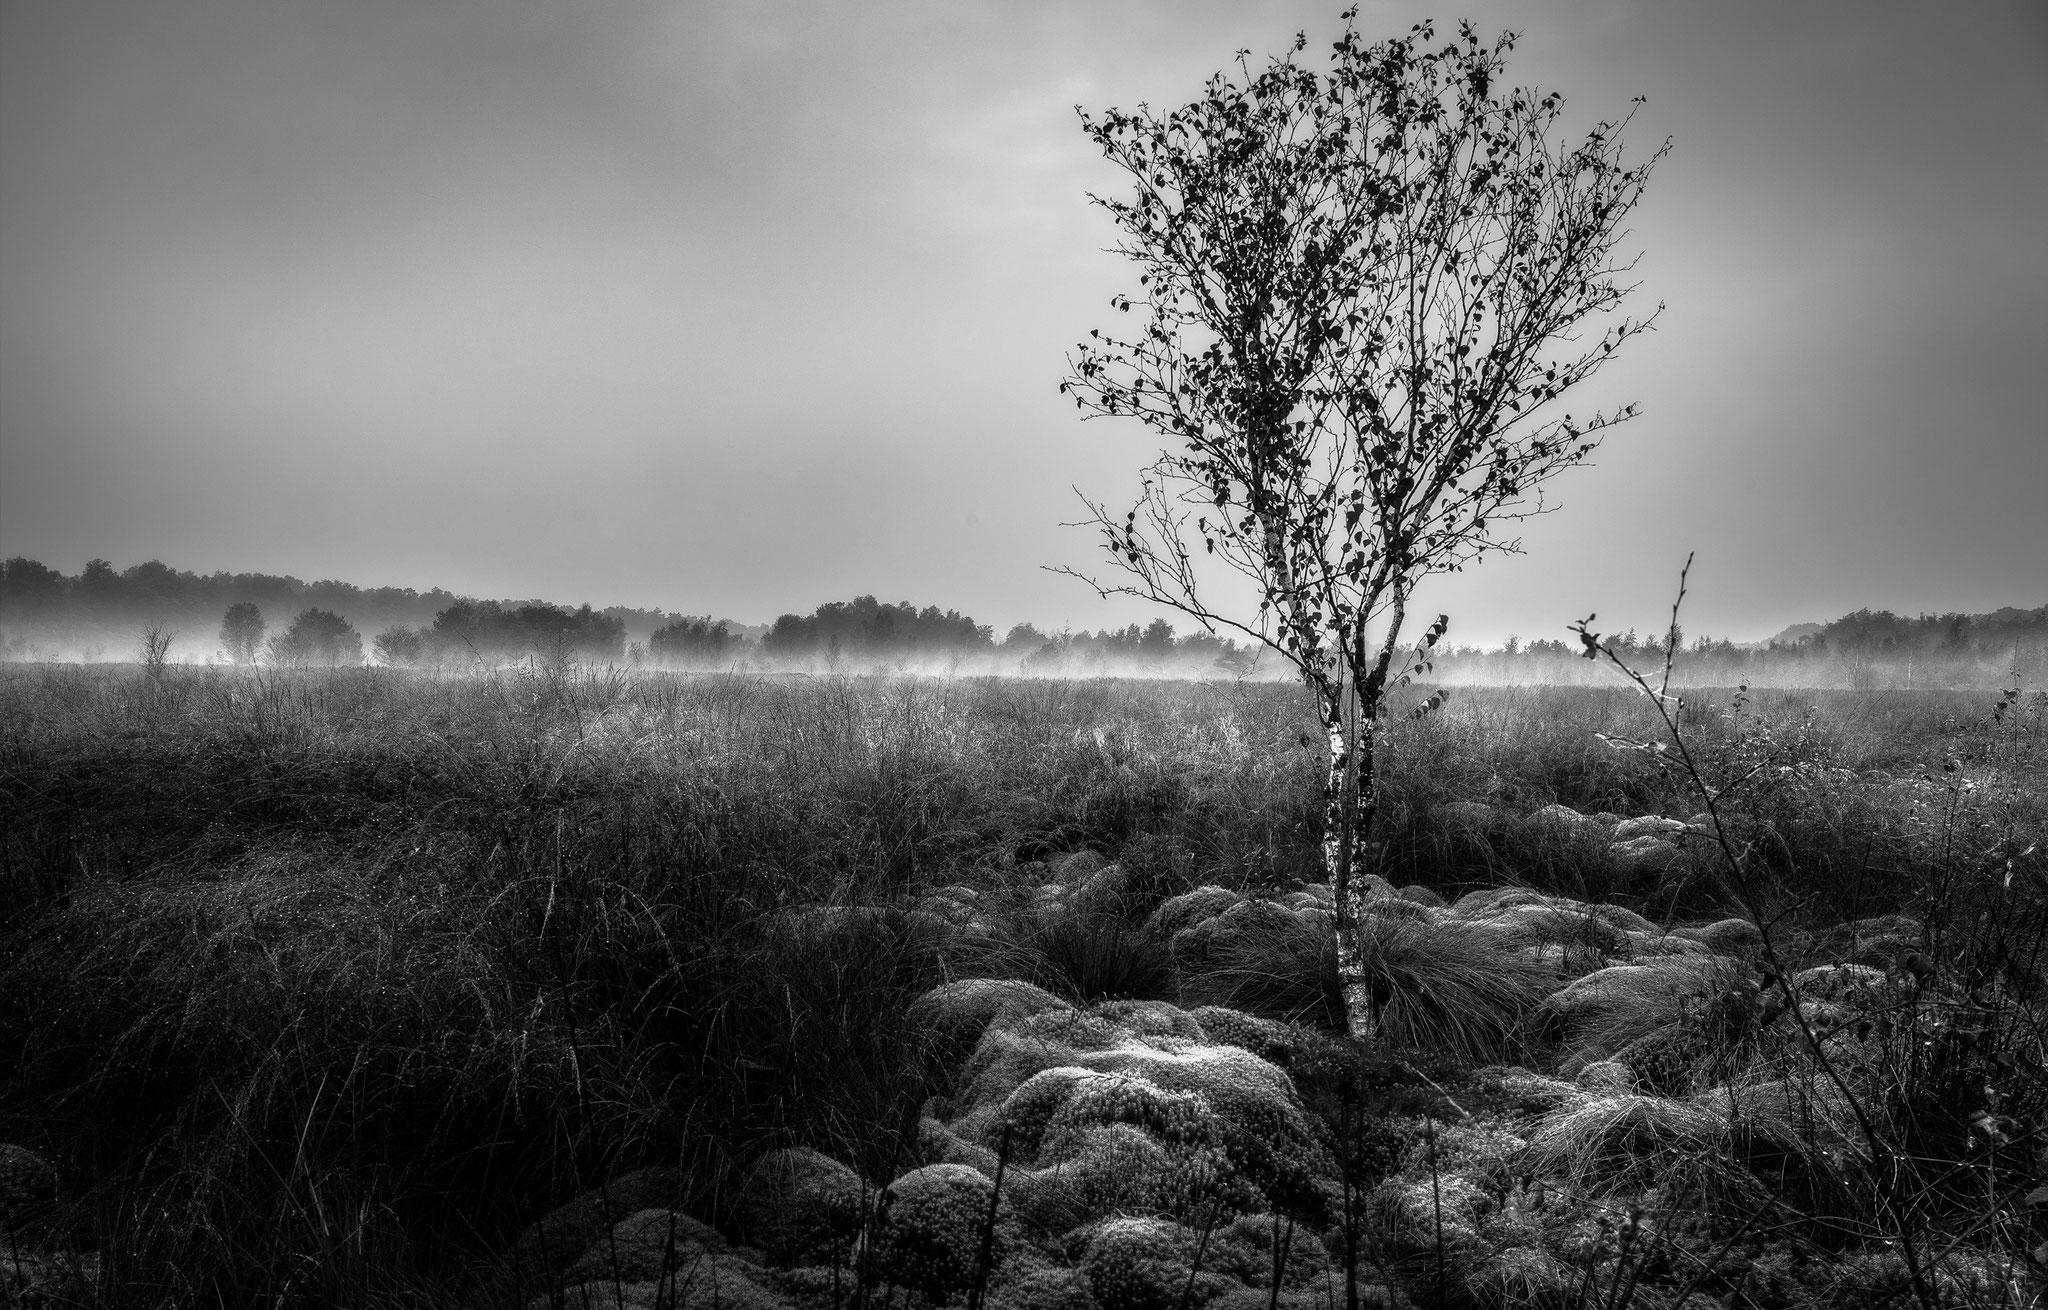 Witte veen, Martijn van Steenbergen, © 2018